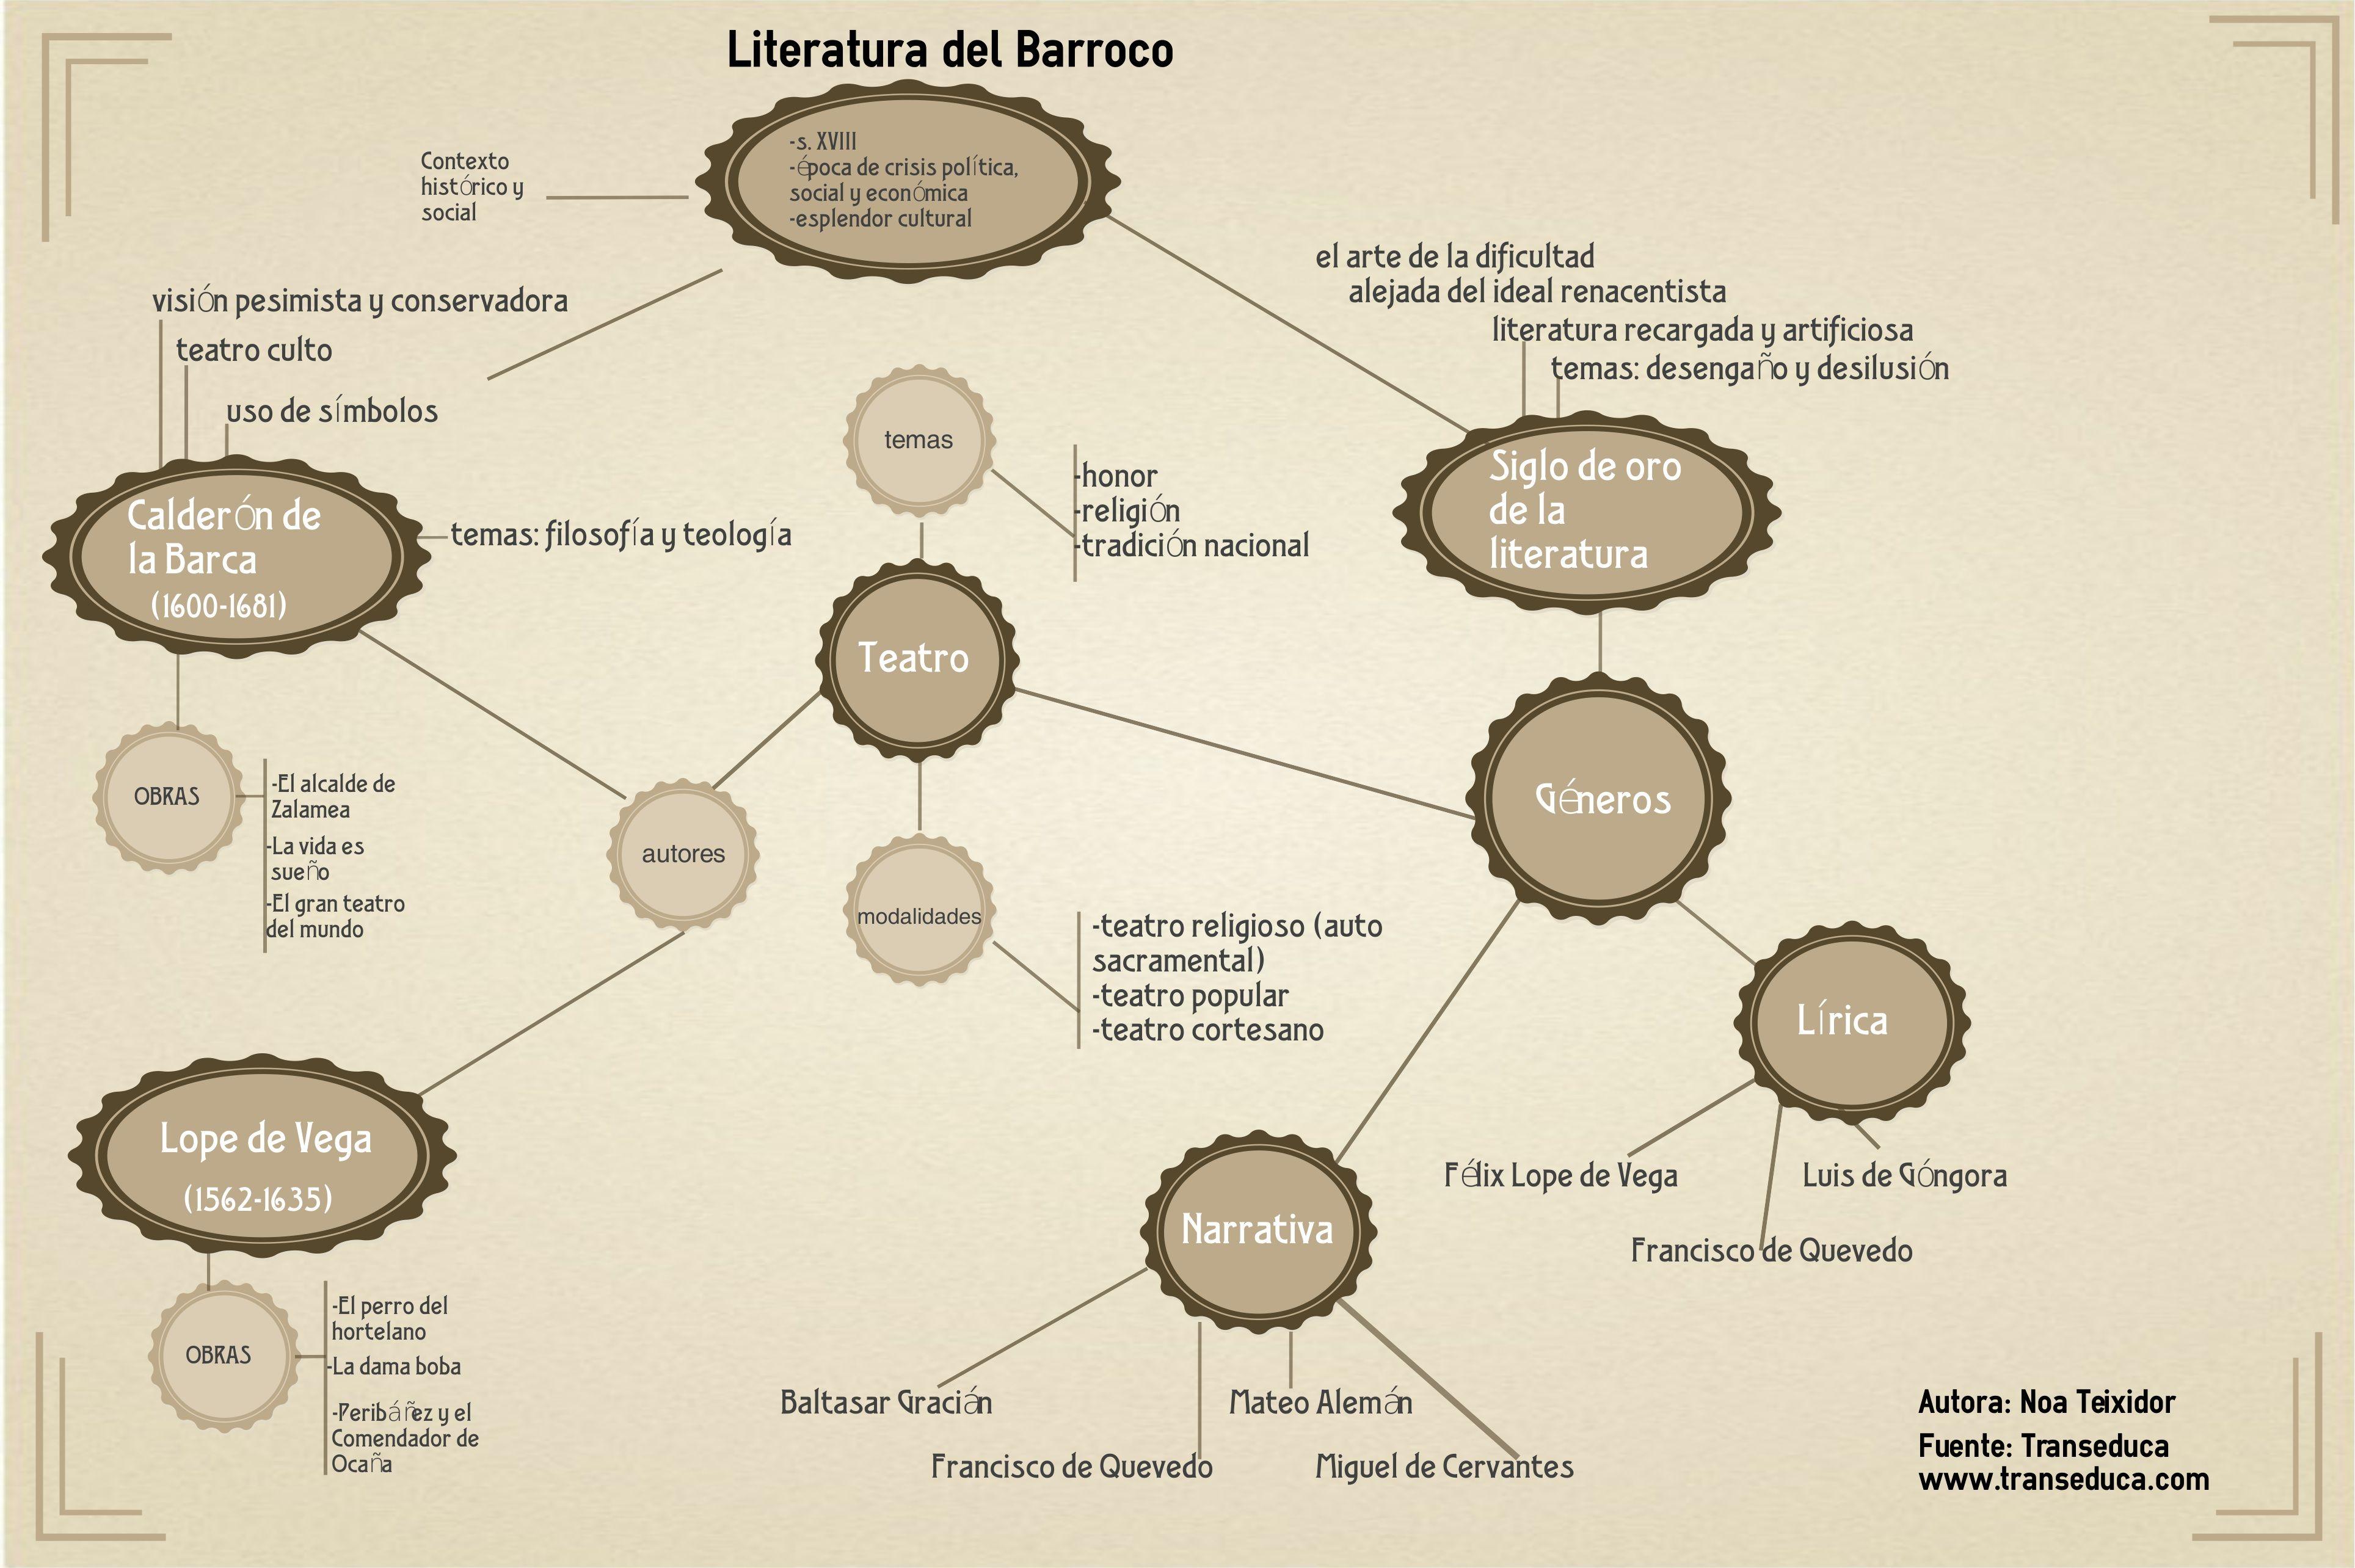 Pin De Transeduca En Literatura Literatura Del Barroco Clases De Literatura El Barroco Literatura